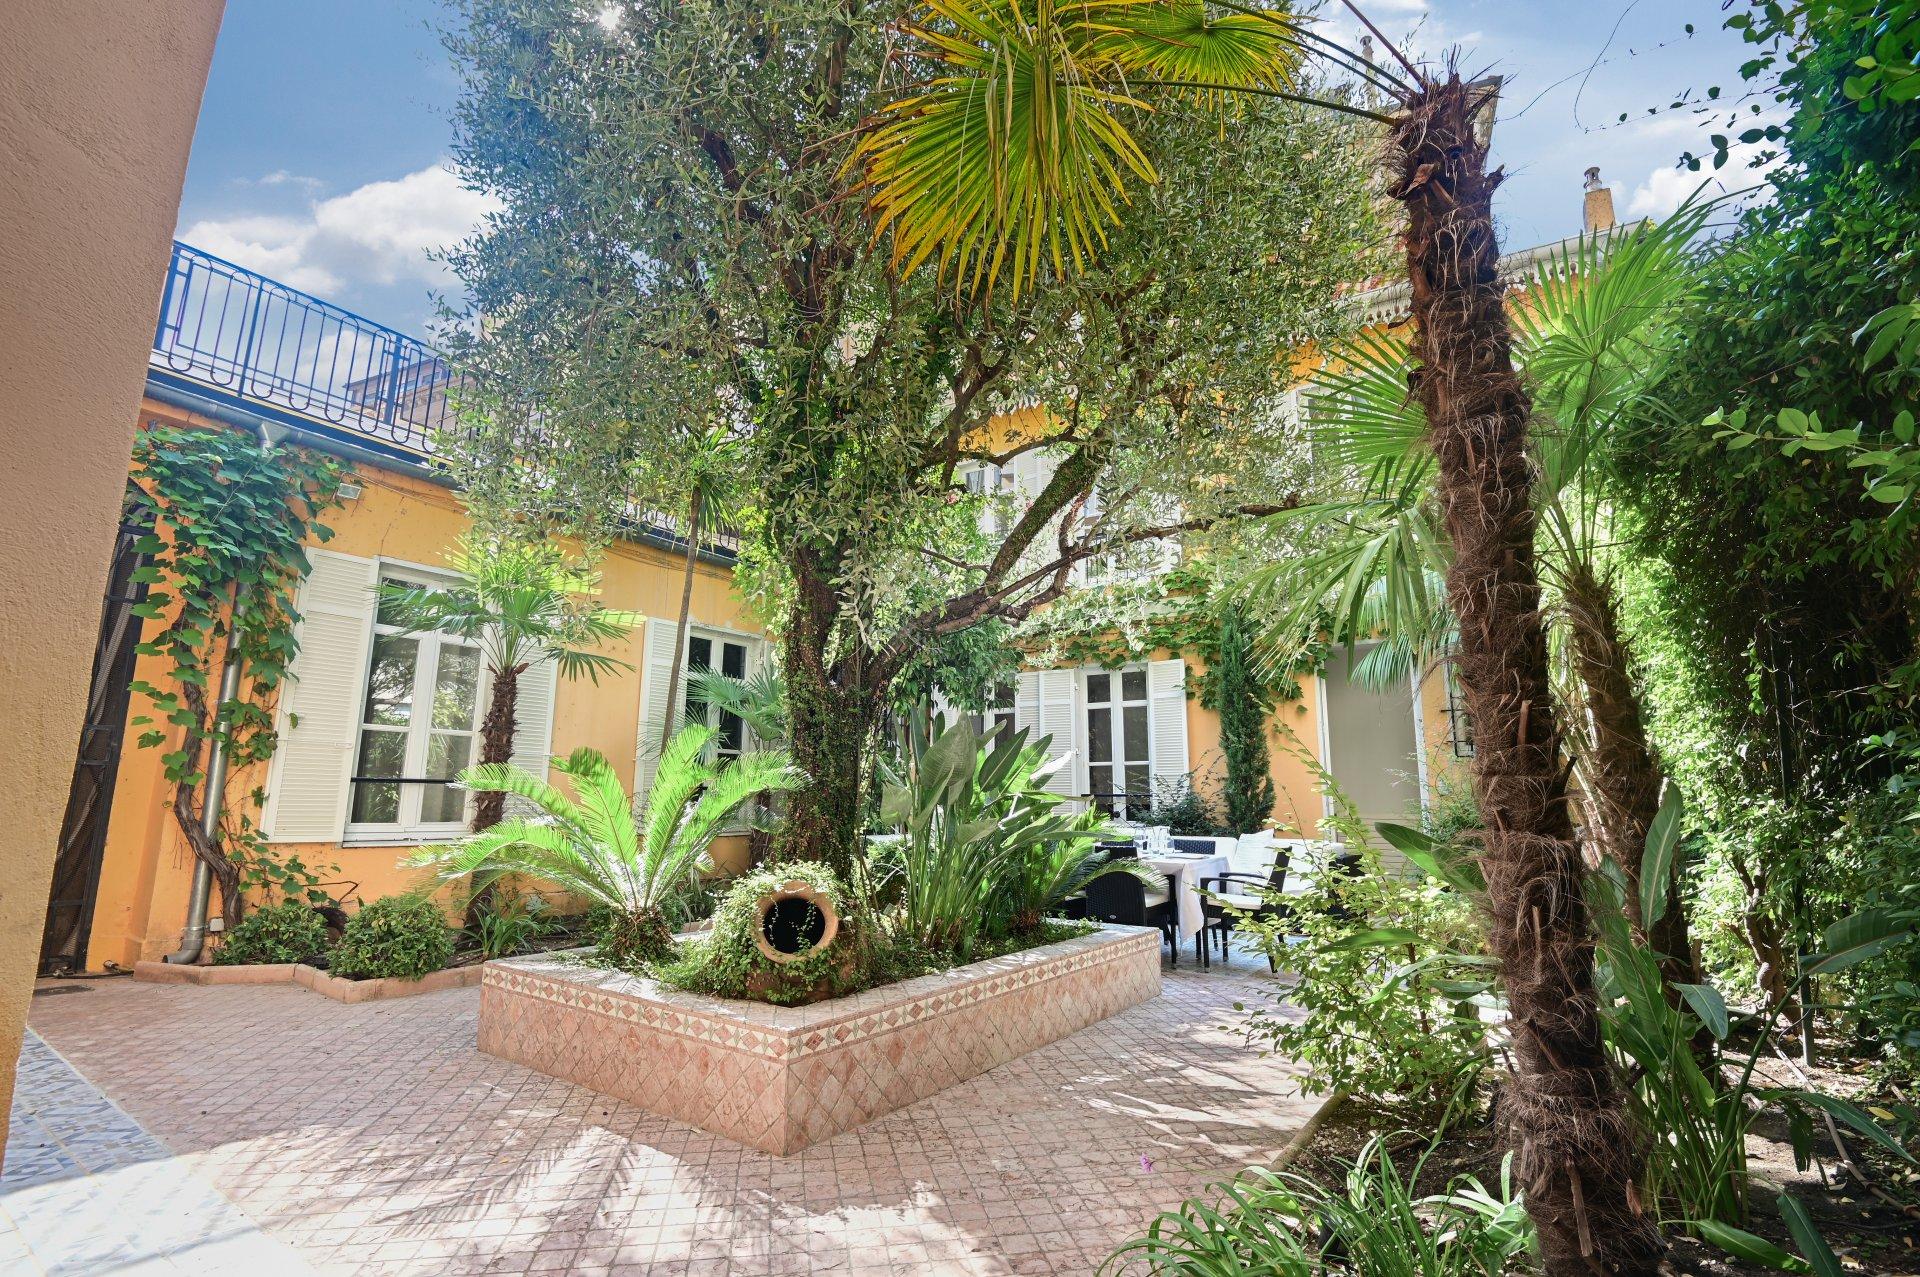 Exclusivité - Cannes Centre  - Maison de ville unique avec patio au calme absolu.